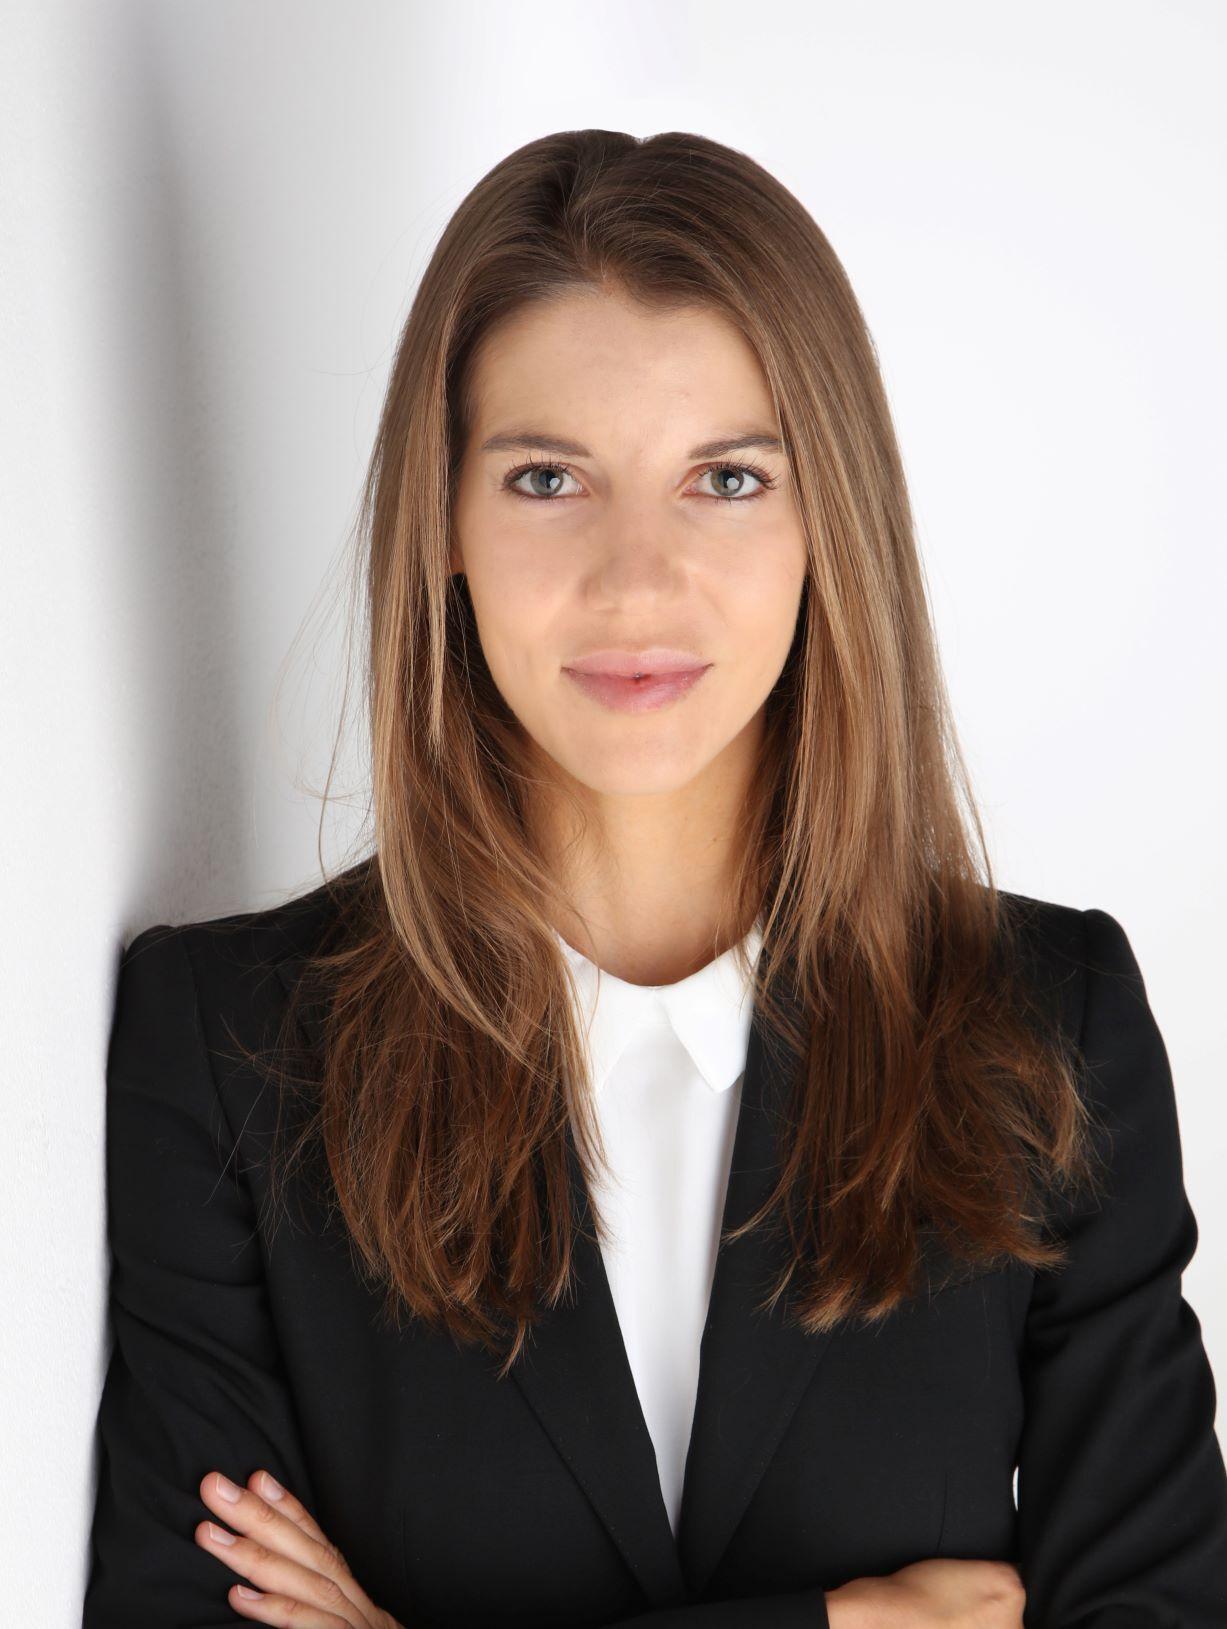 Viviana Pedrazzini